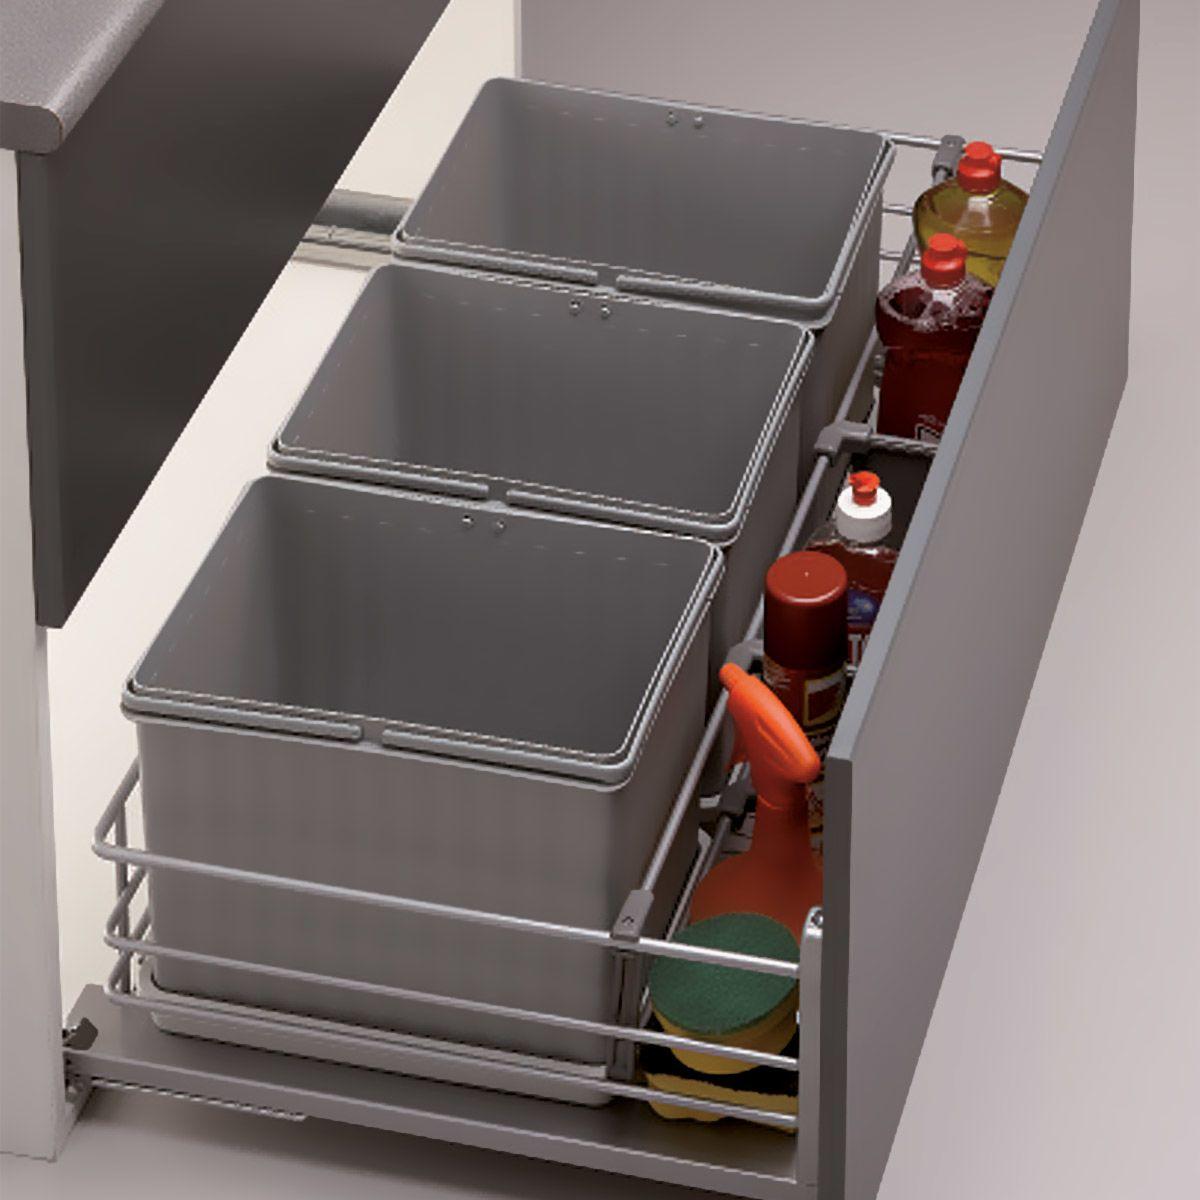 Cubo De Basura Ecológico Y Accesorios De Limpieza Con Tapas Automáticas Menage Confort